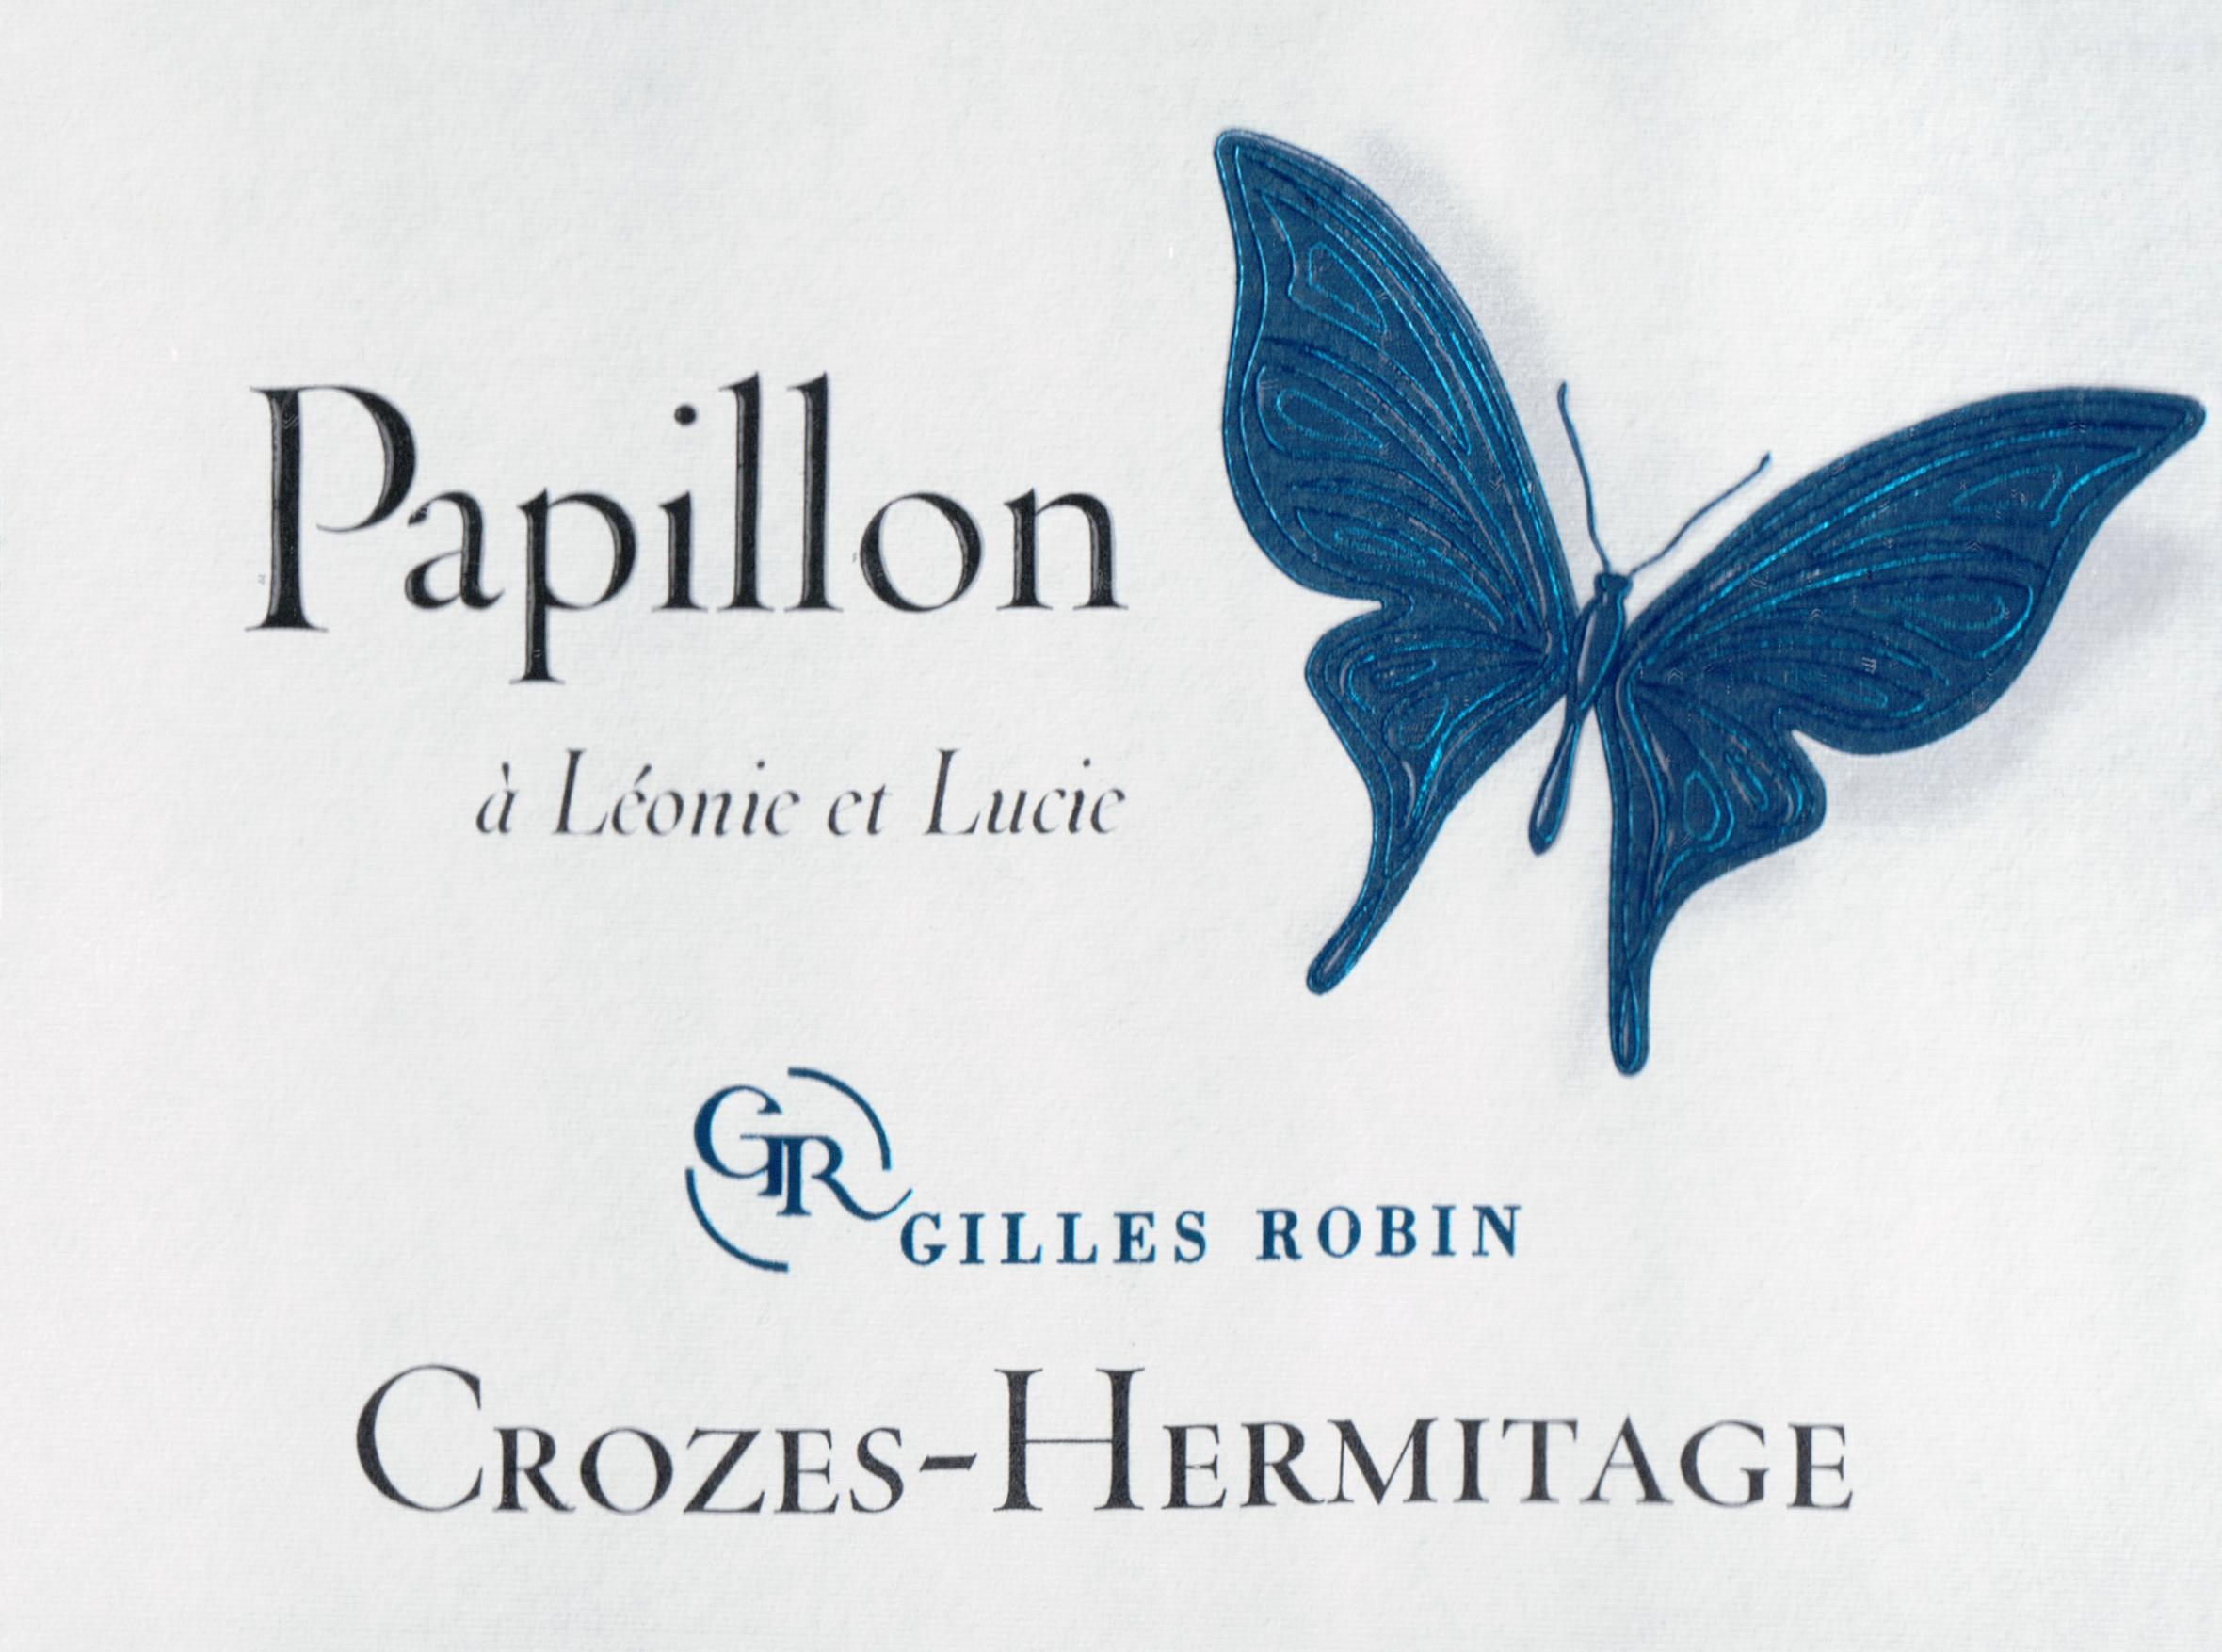 Gilles Robin Crozes Hermitage Papillon 2018